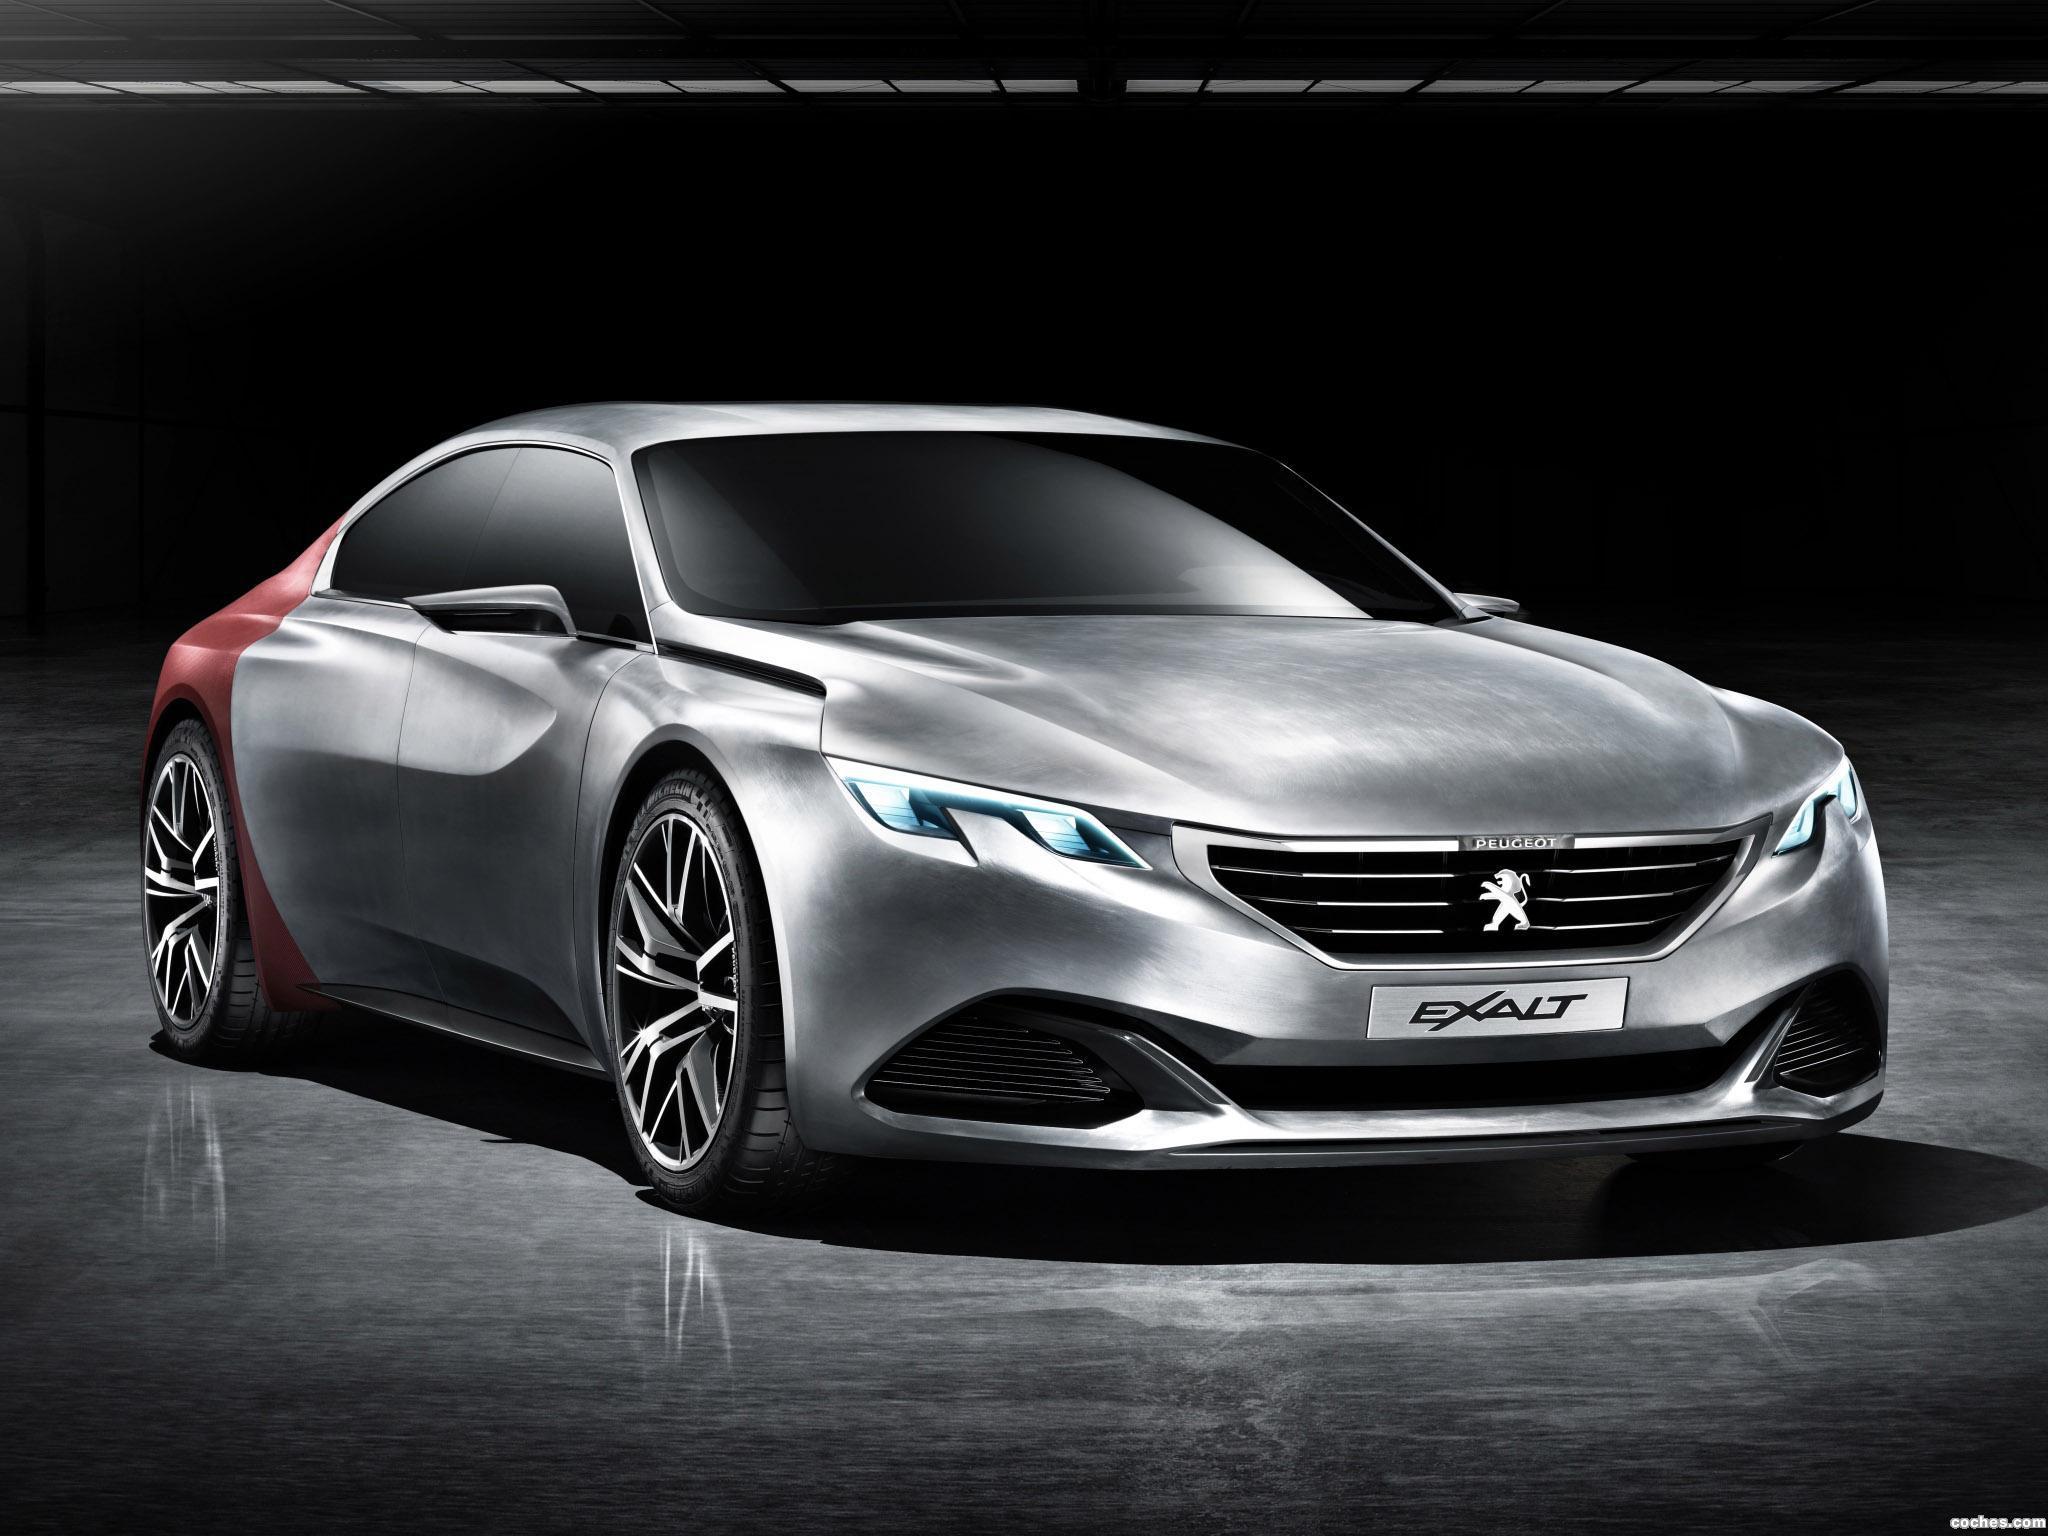 Foto 0 de Peugeot Exalt Concept 2014